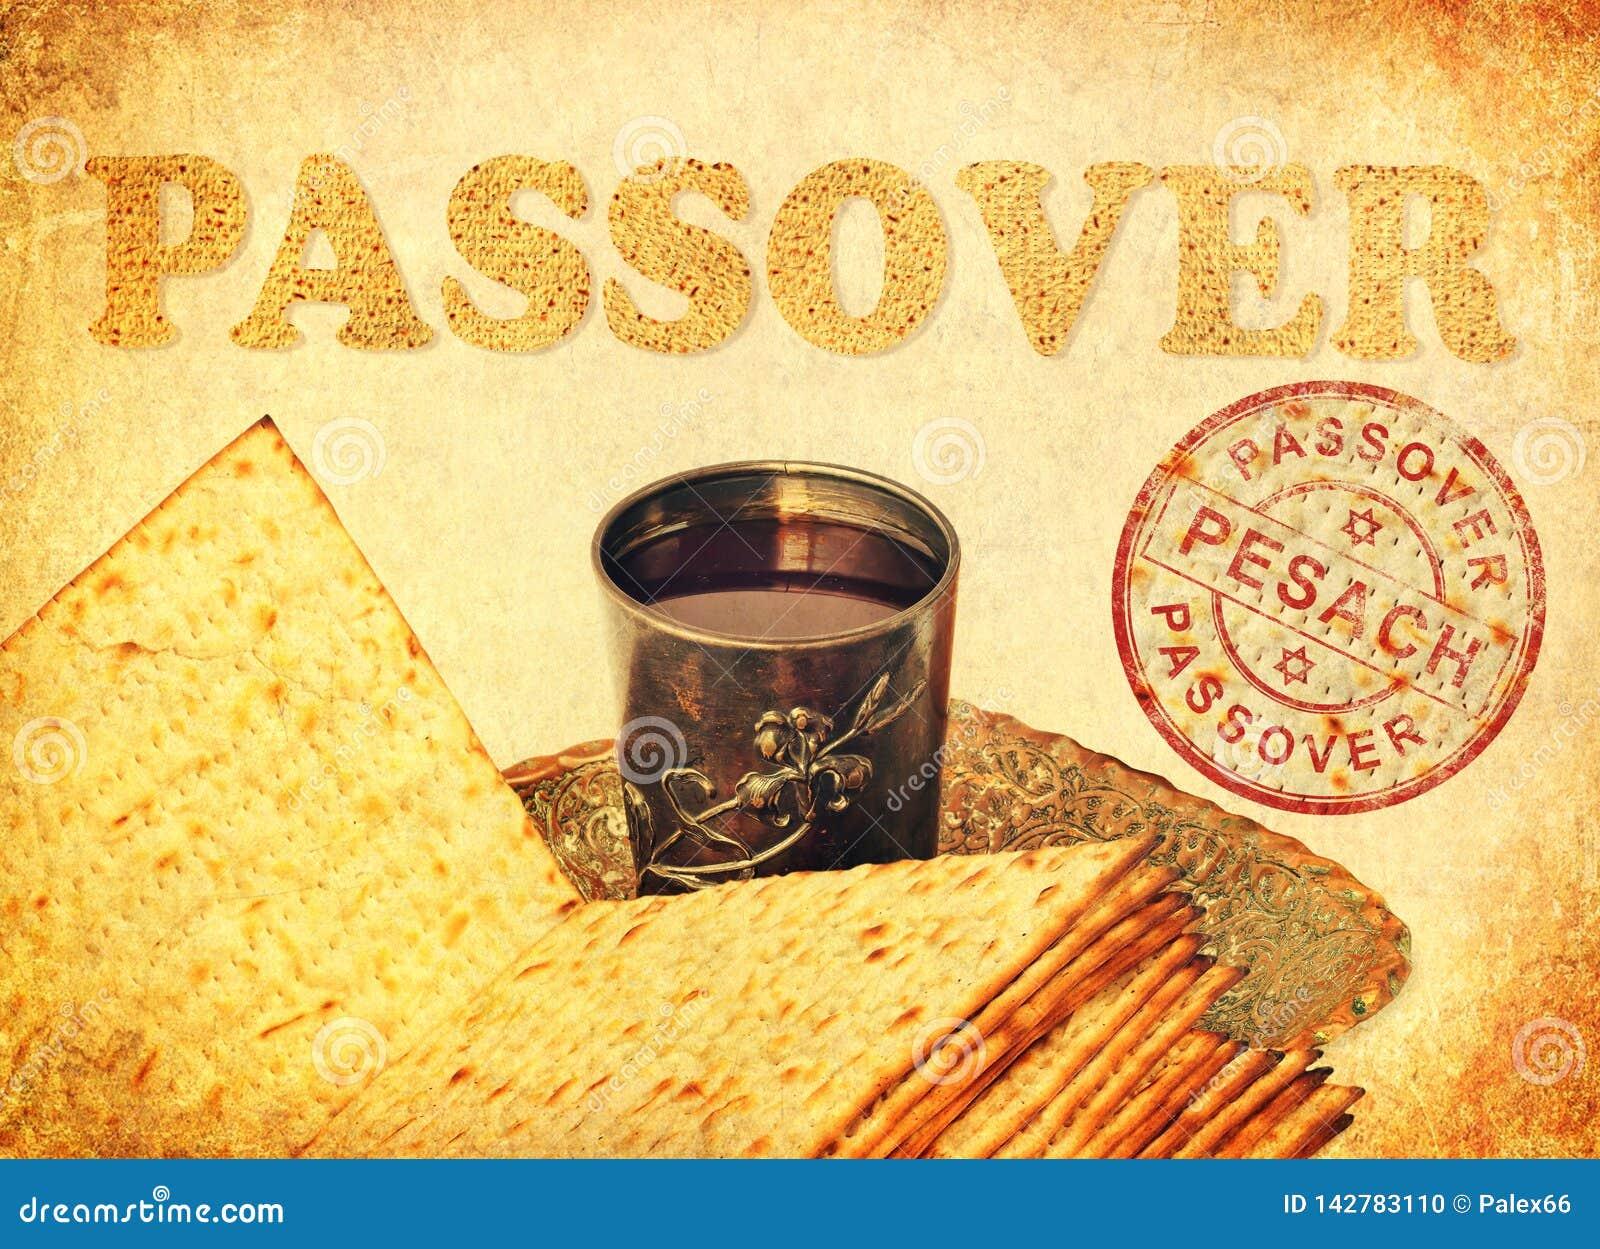 Cartão com a páscoa judaica Pesach - grande feriado judaico da mola